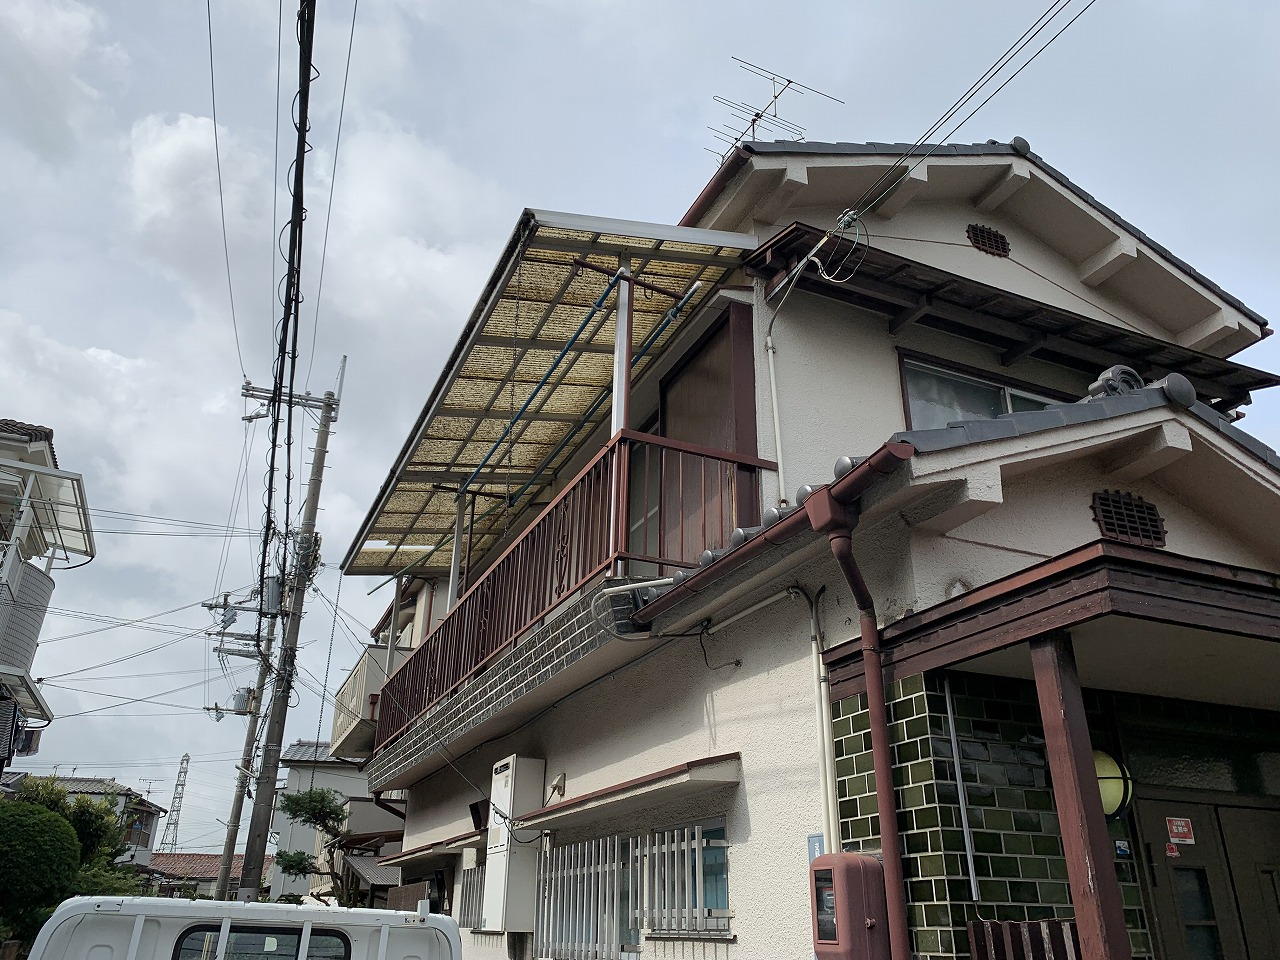 枚方市 青緑瓦二階建てのお宅台風被害によるベランダ波板の調査に伺いました